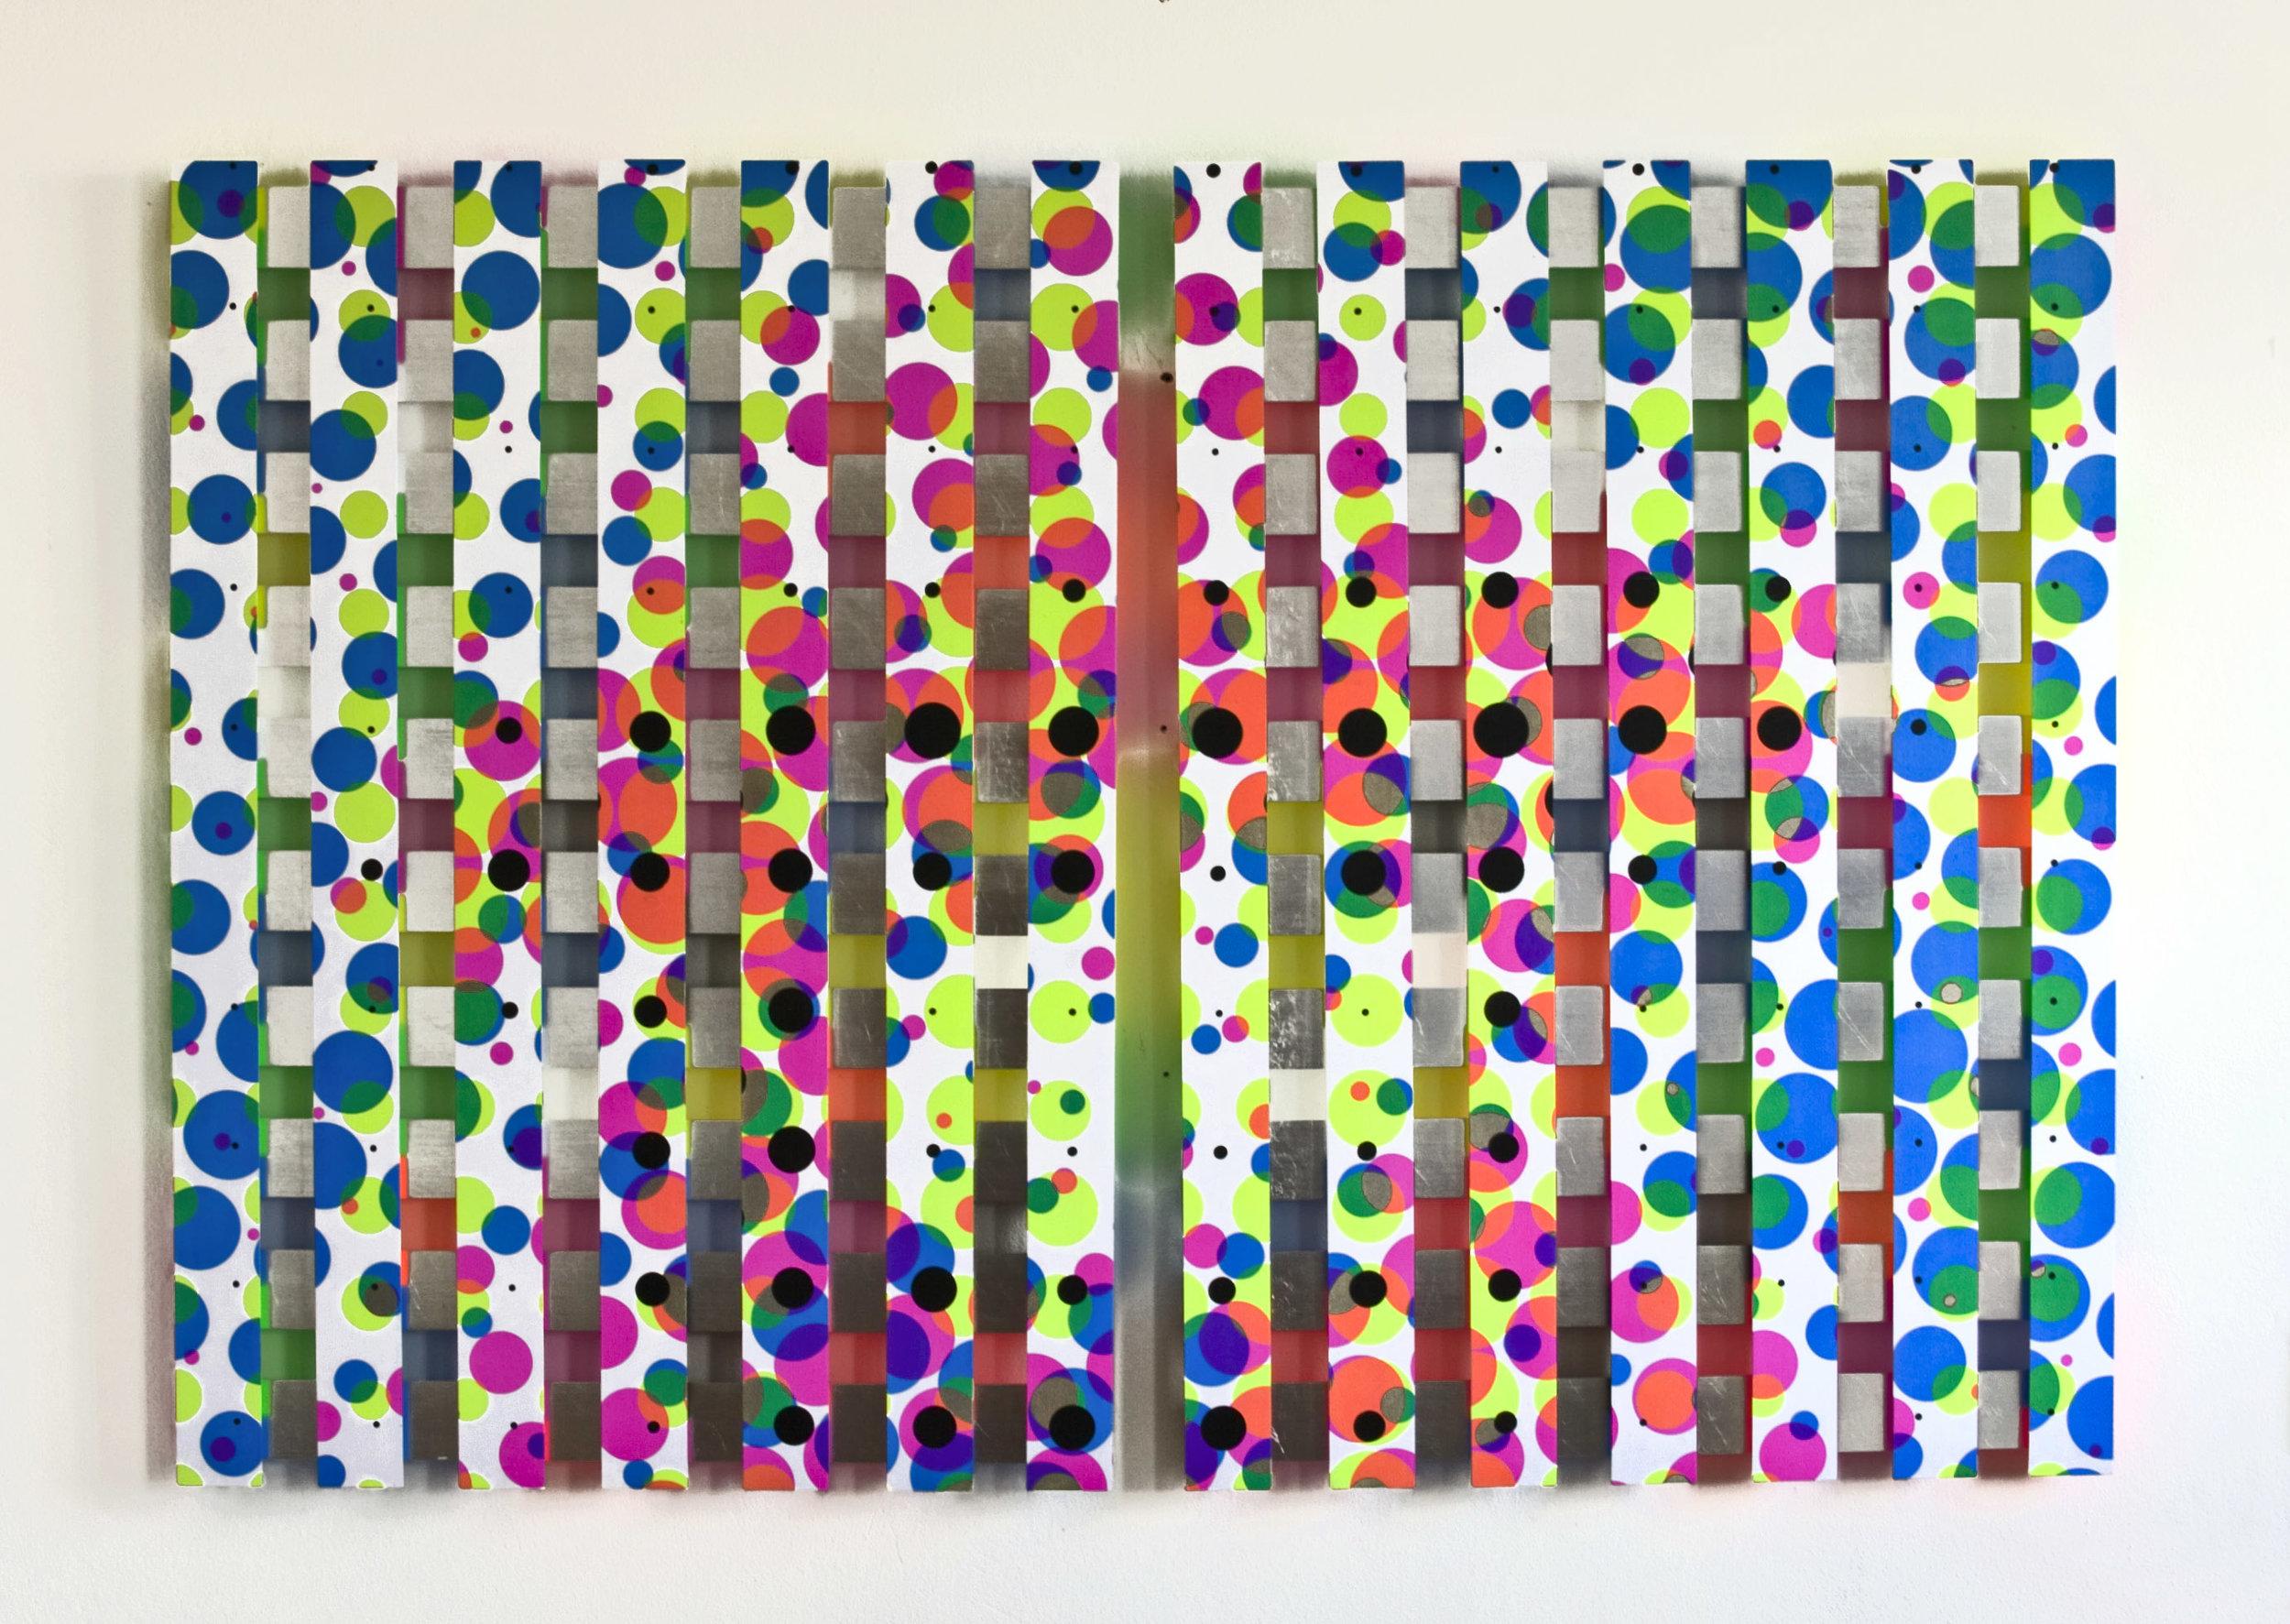 ZALA akril, les, 83 x 125 cm, 2012